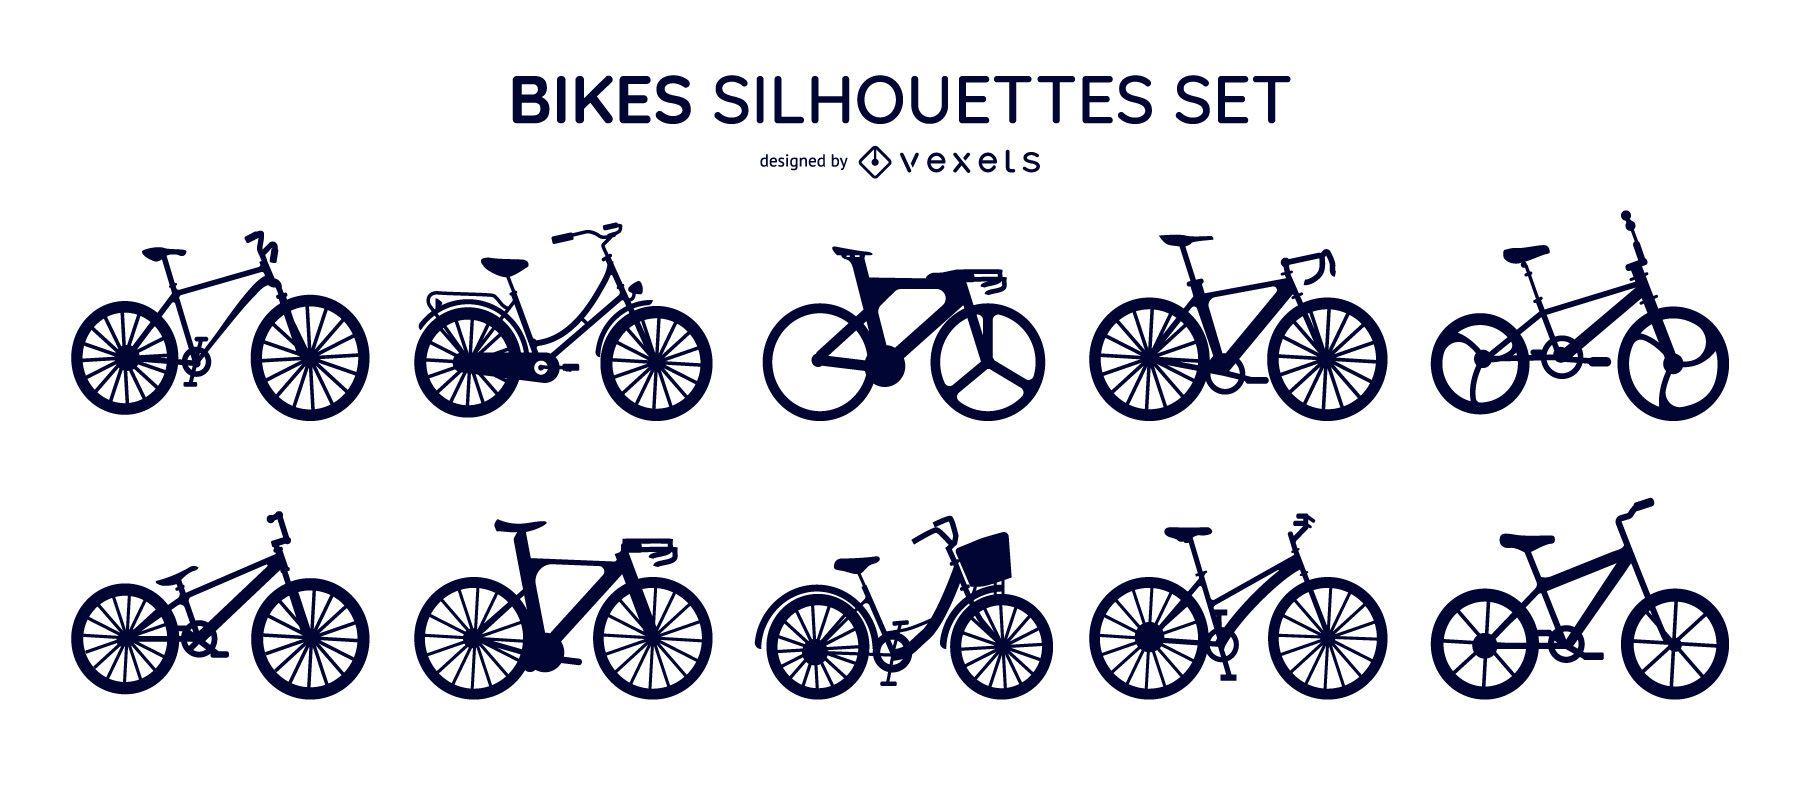 Bikes silhouettes set